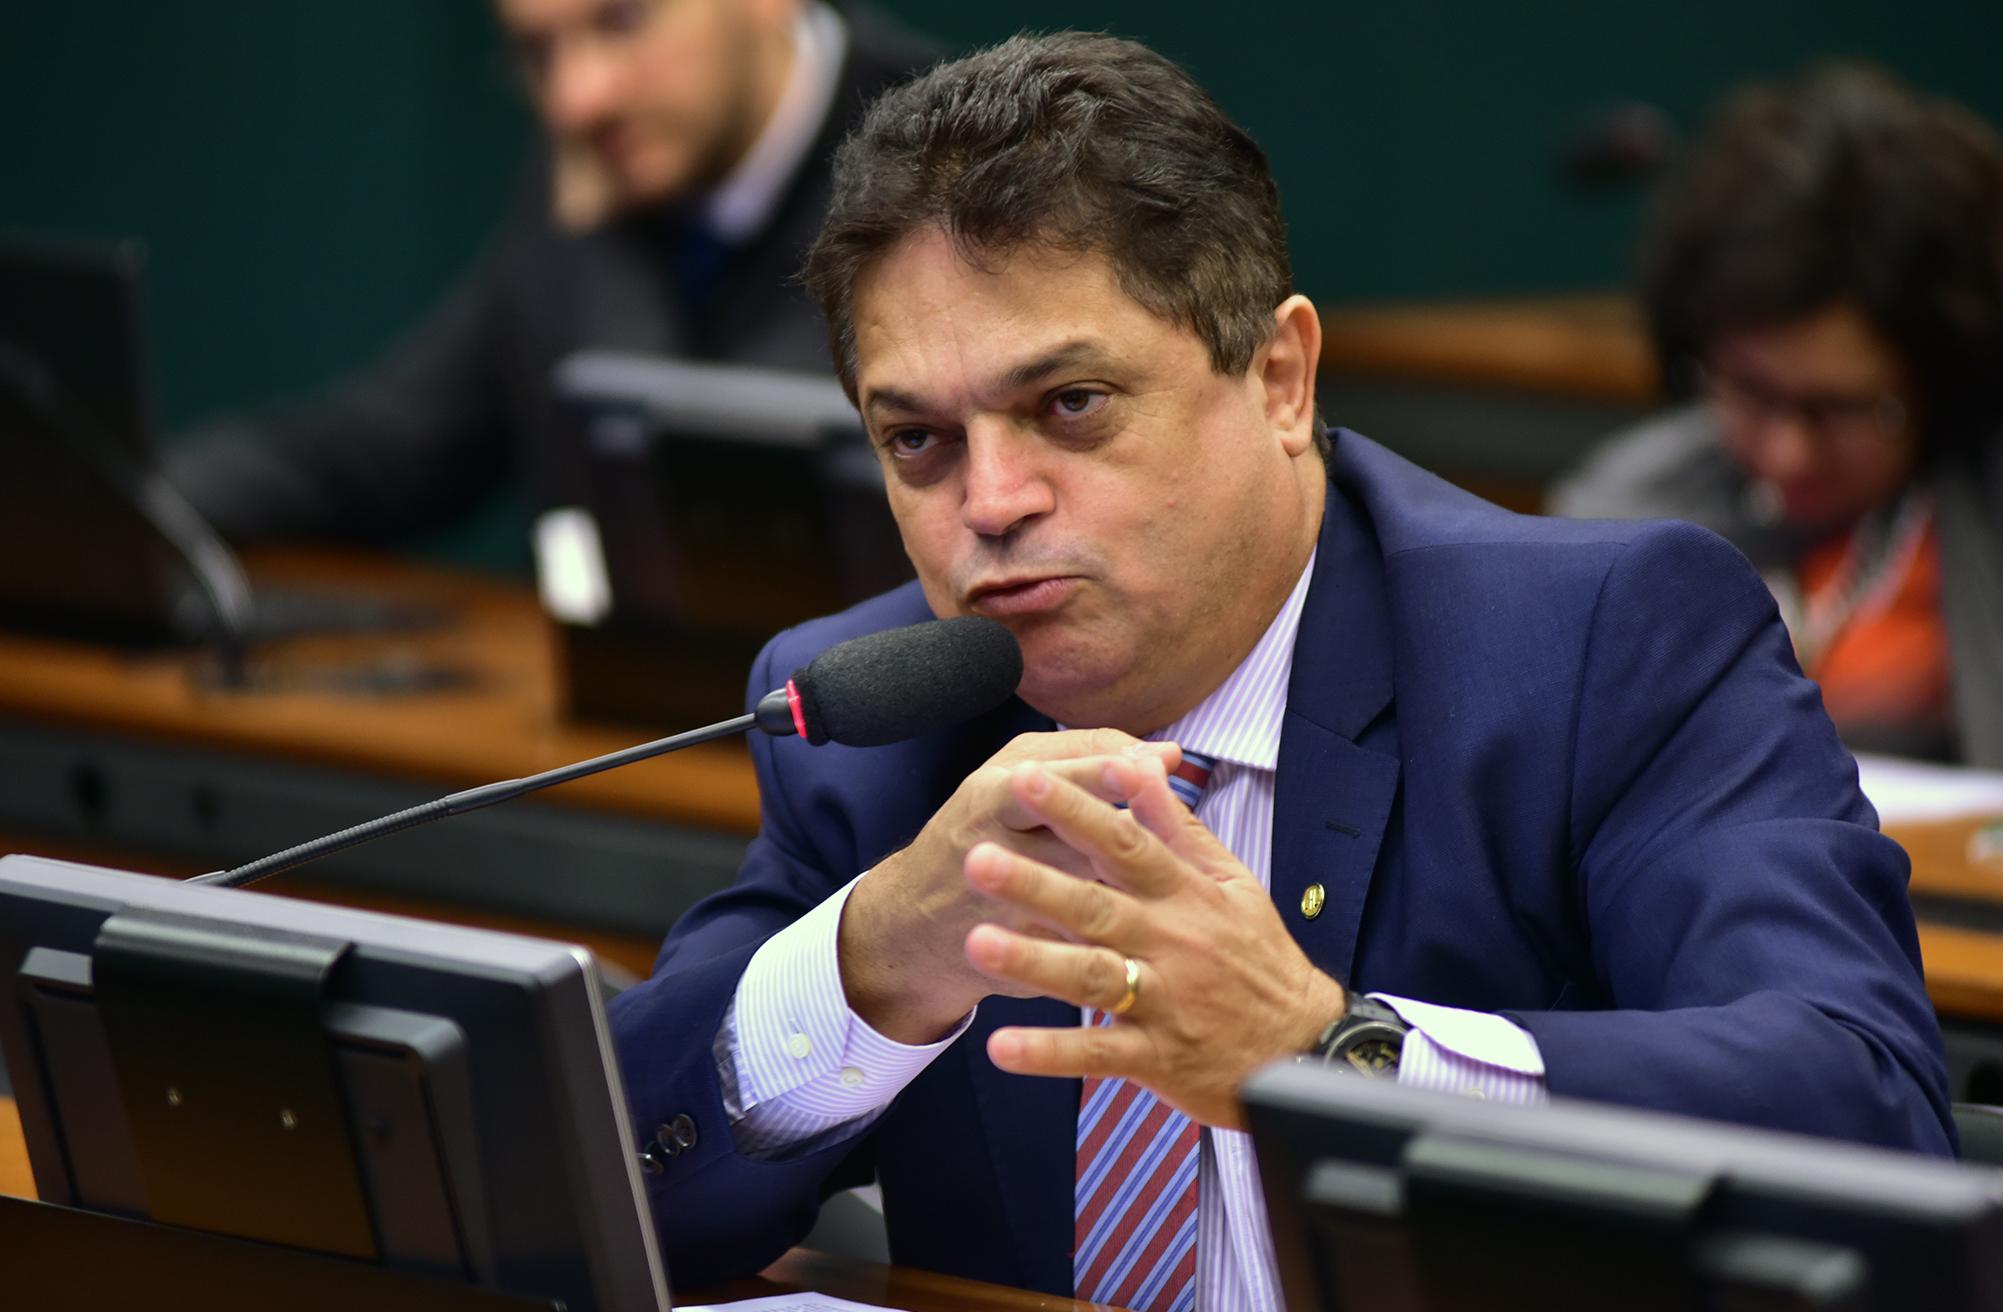 Audiência pública para esclarecimentos sobre fatos relacionados a investigações da CPI. Dep. João Rodrigues (PSD - SC)